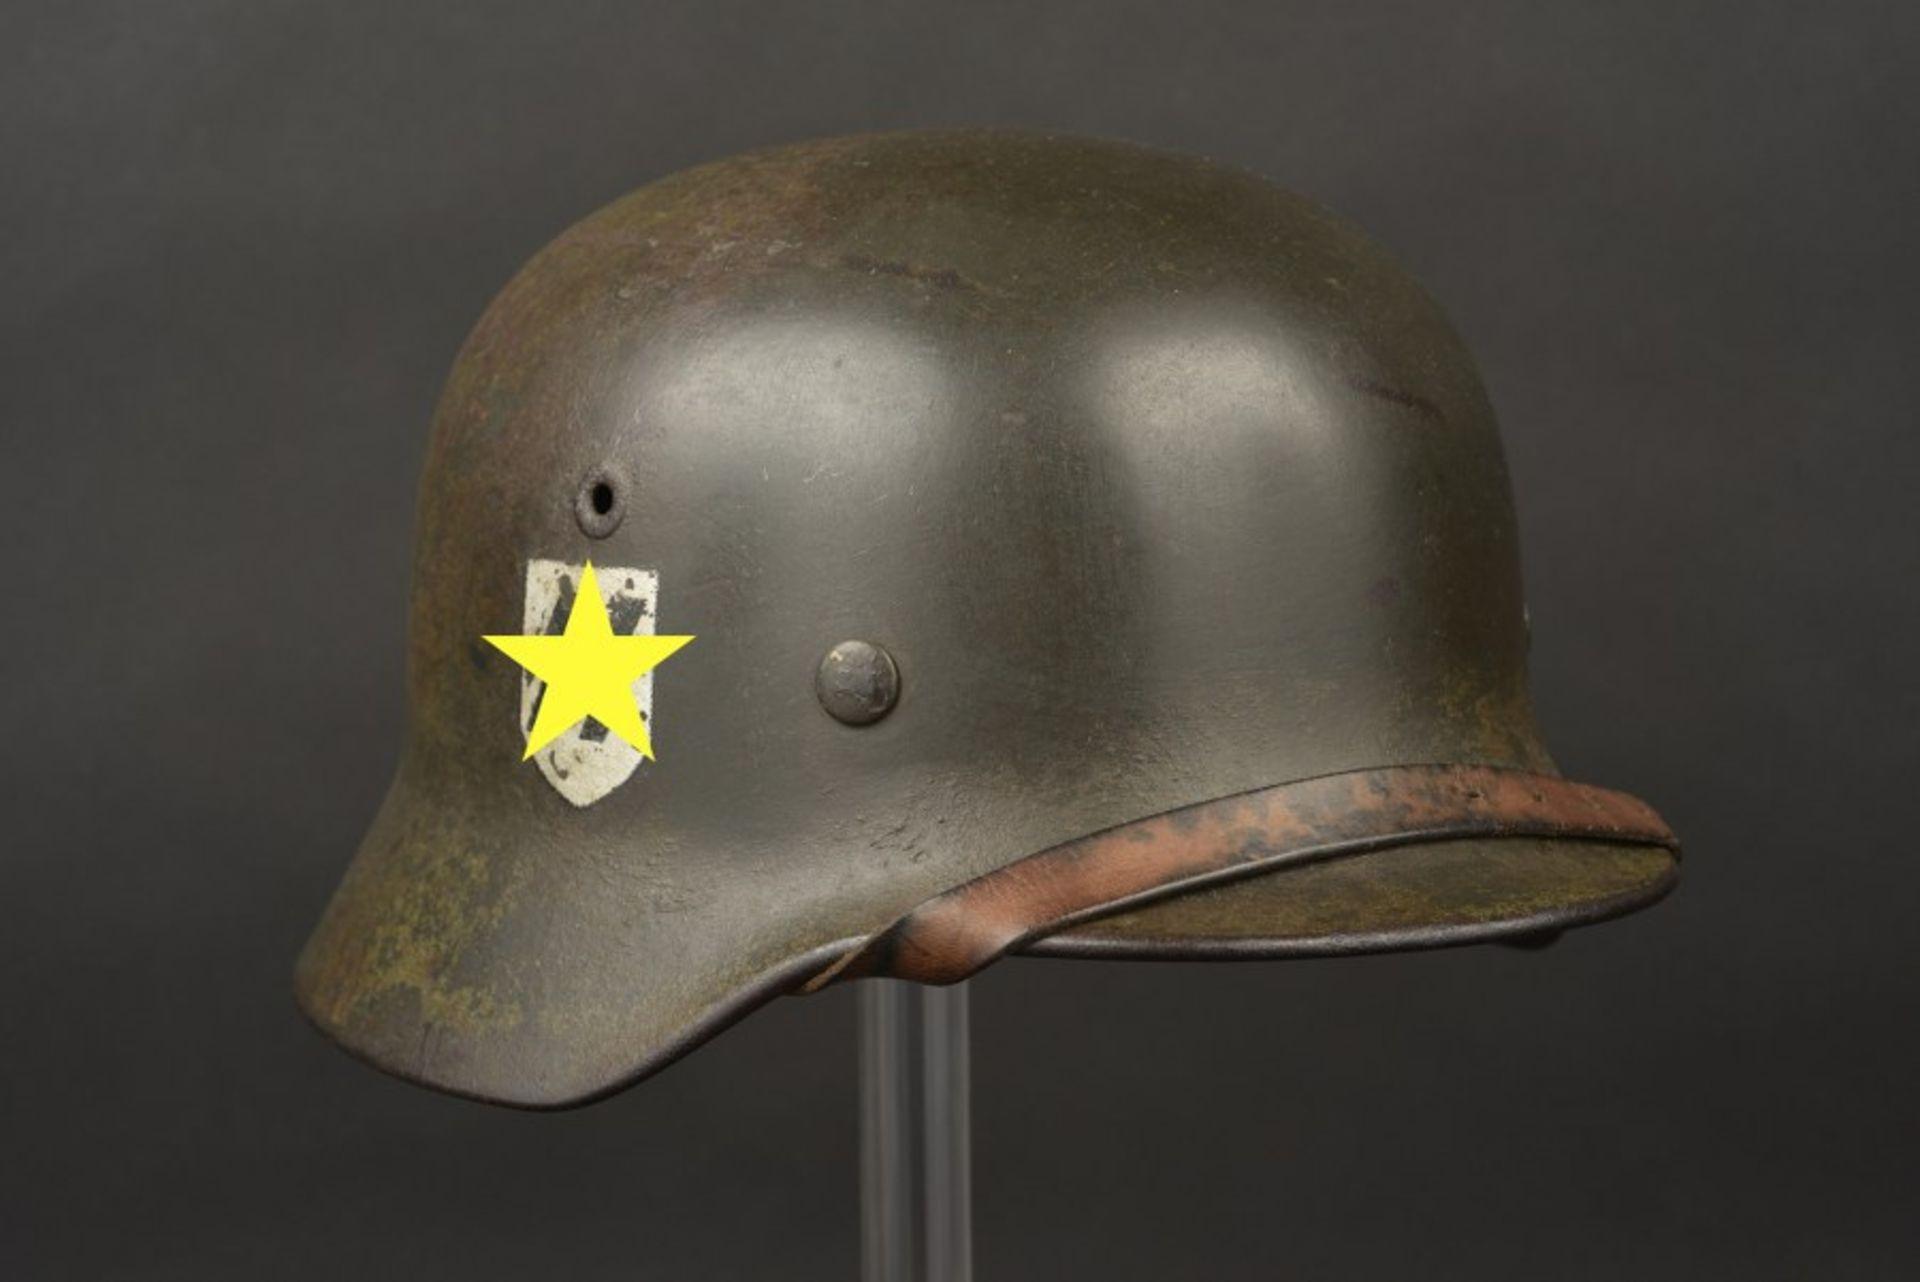 Casque SS camouflé double insigne du SS Ostuf A Linke. Helmet belonging to Ostuf A. Linke, bearing